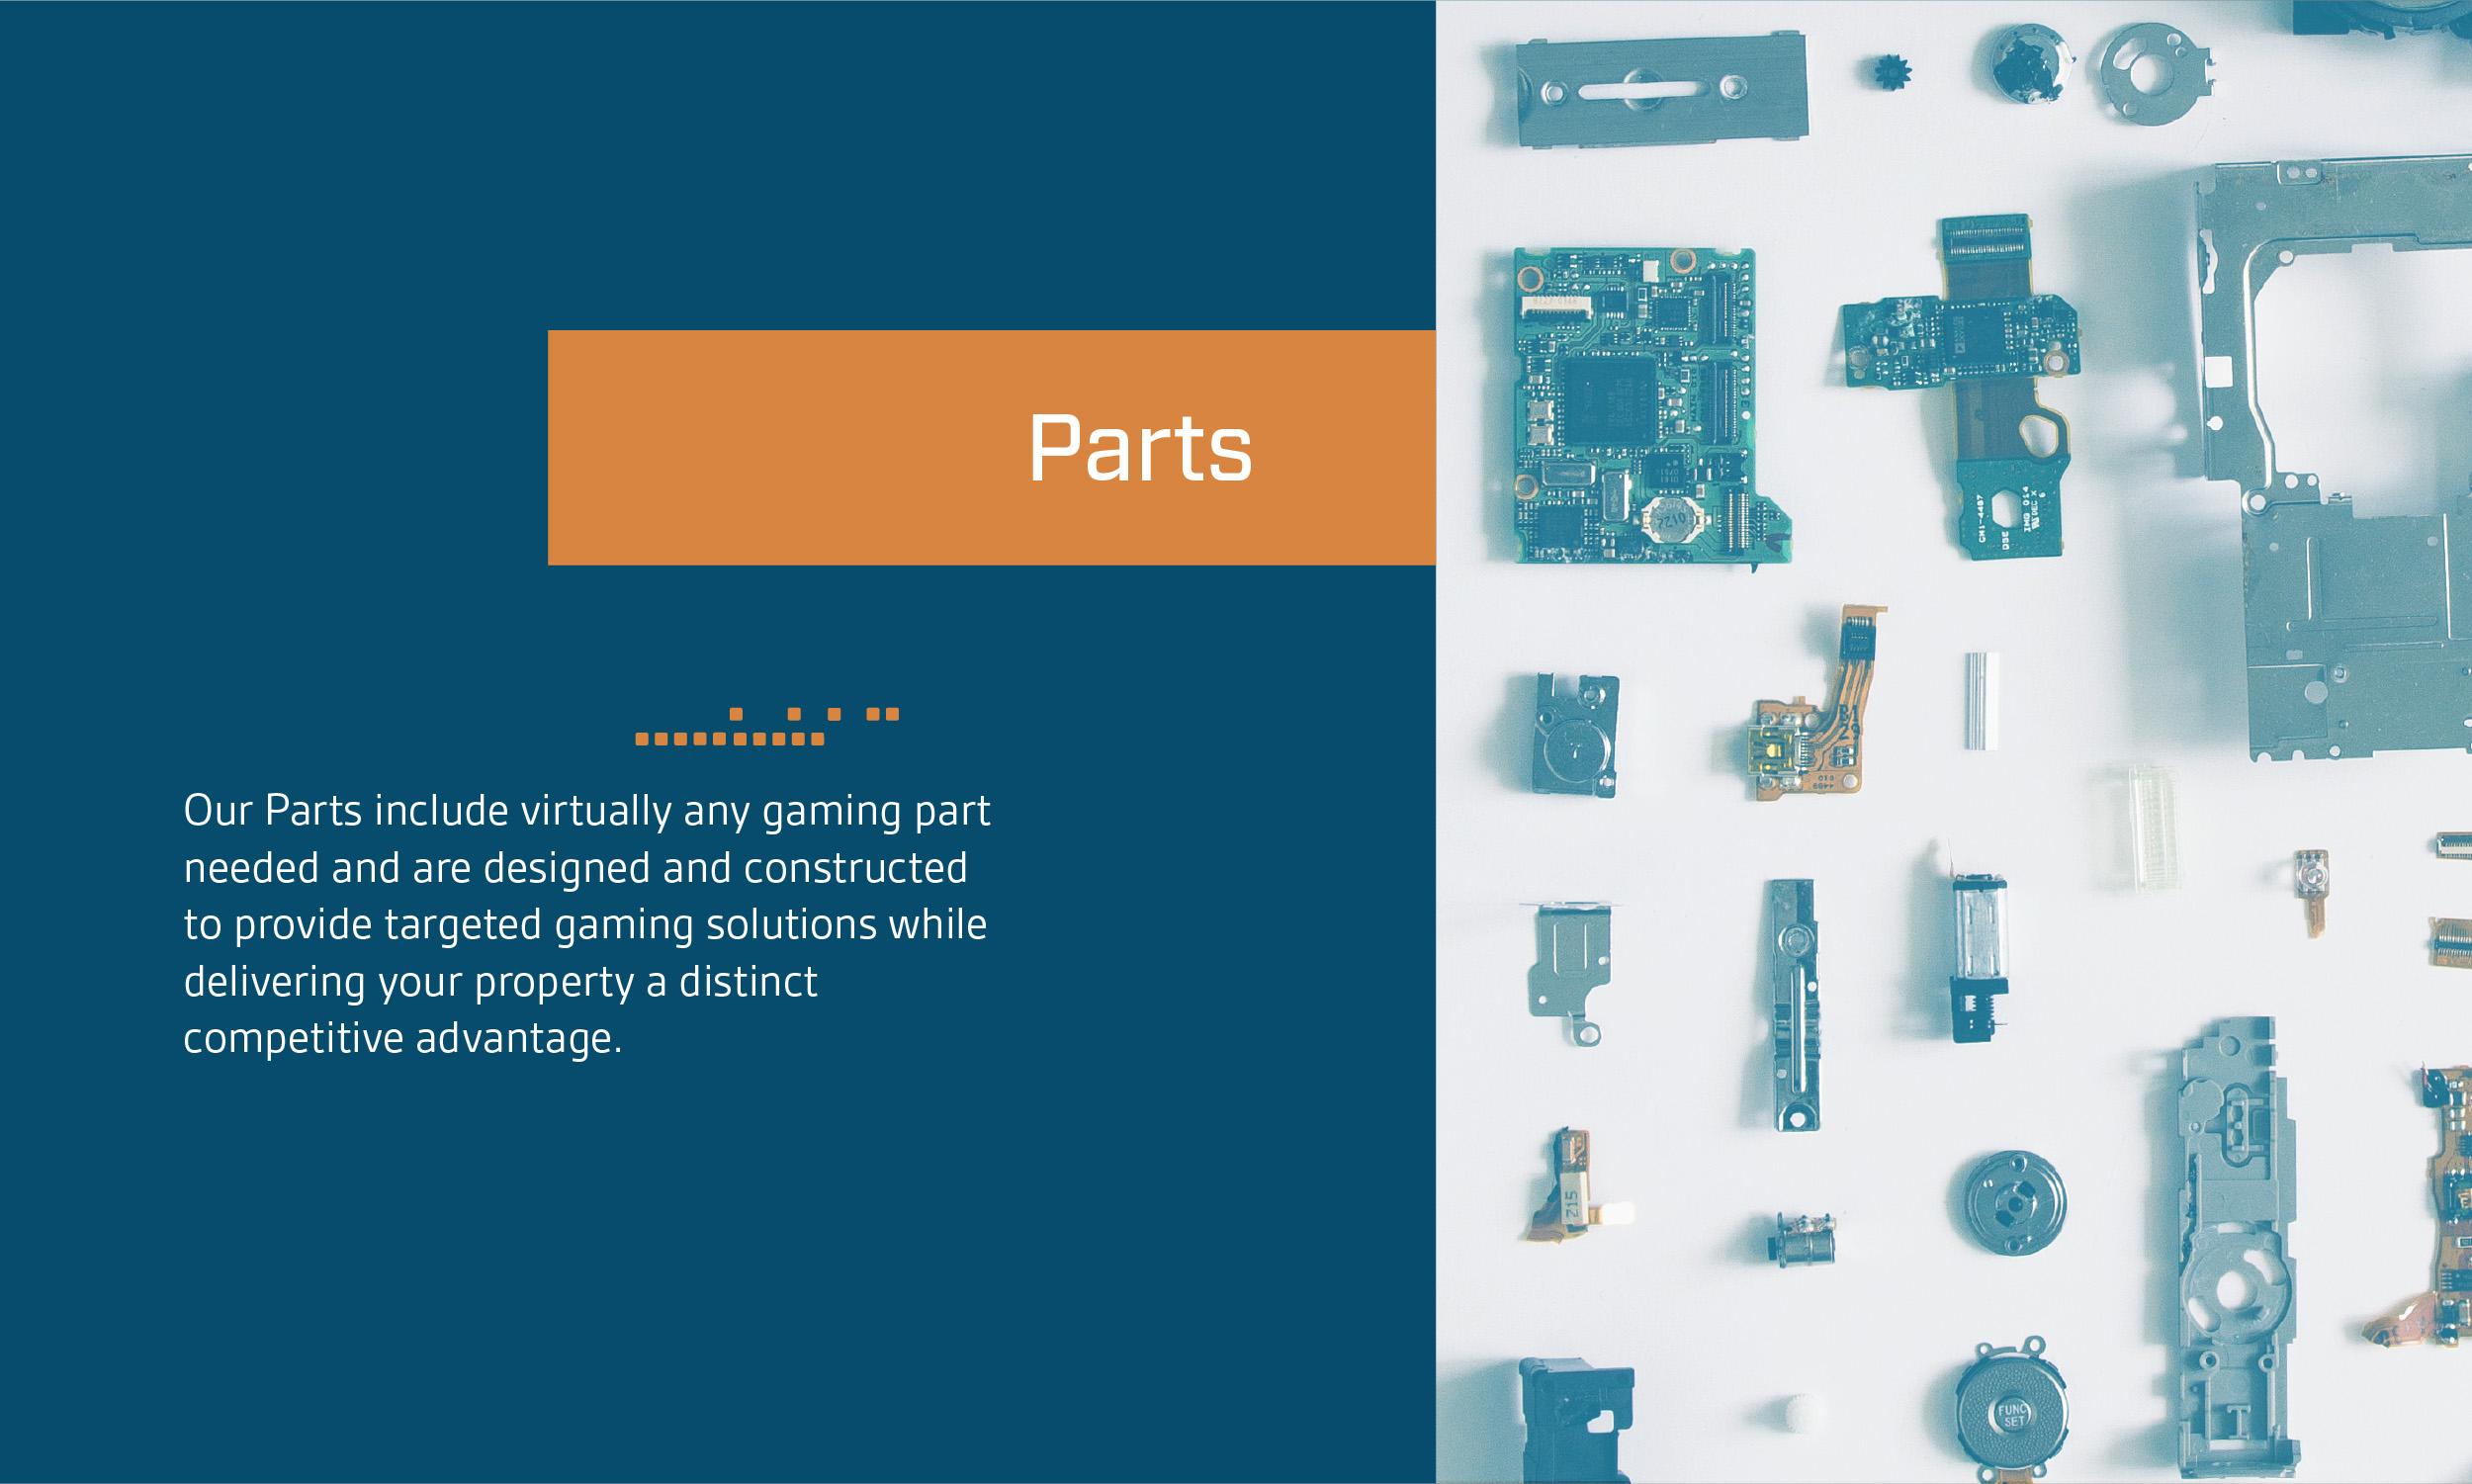 parts-banner.jpg